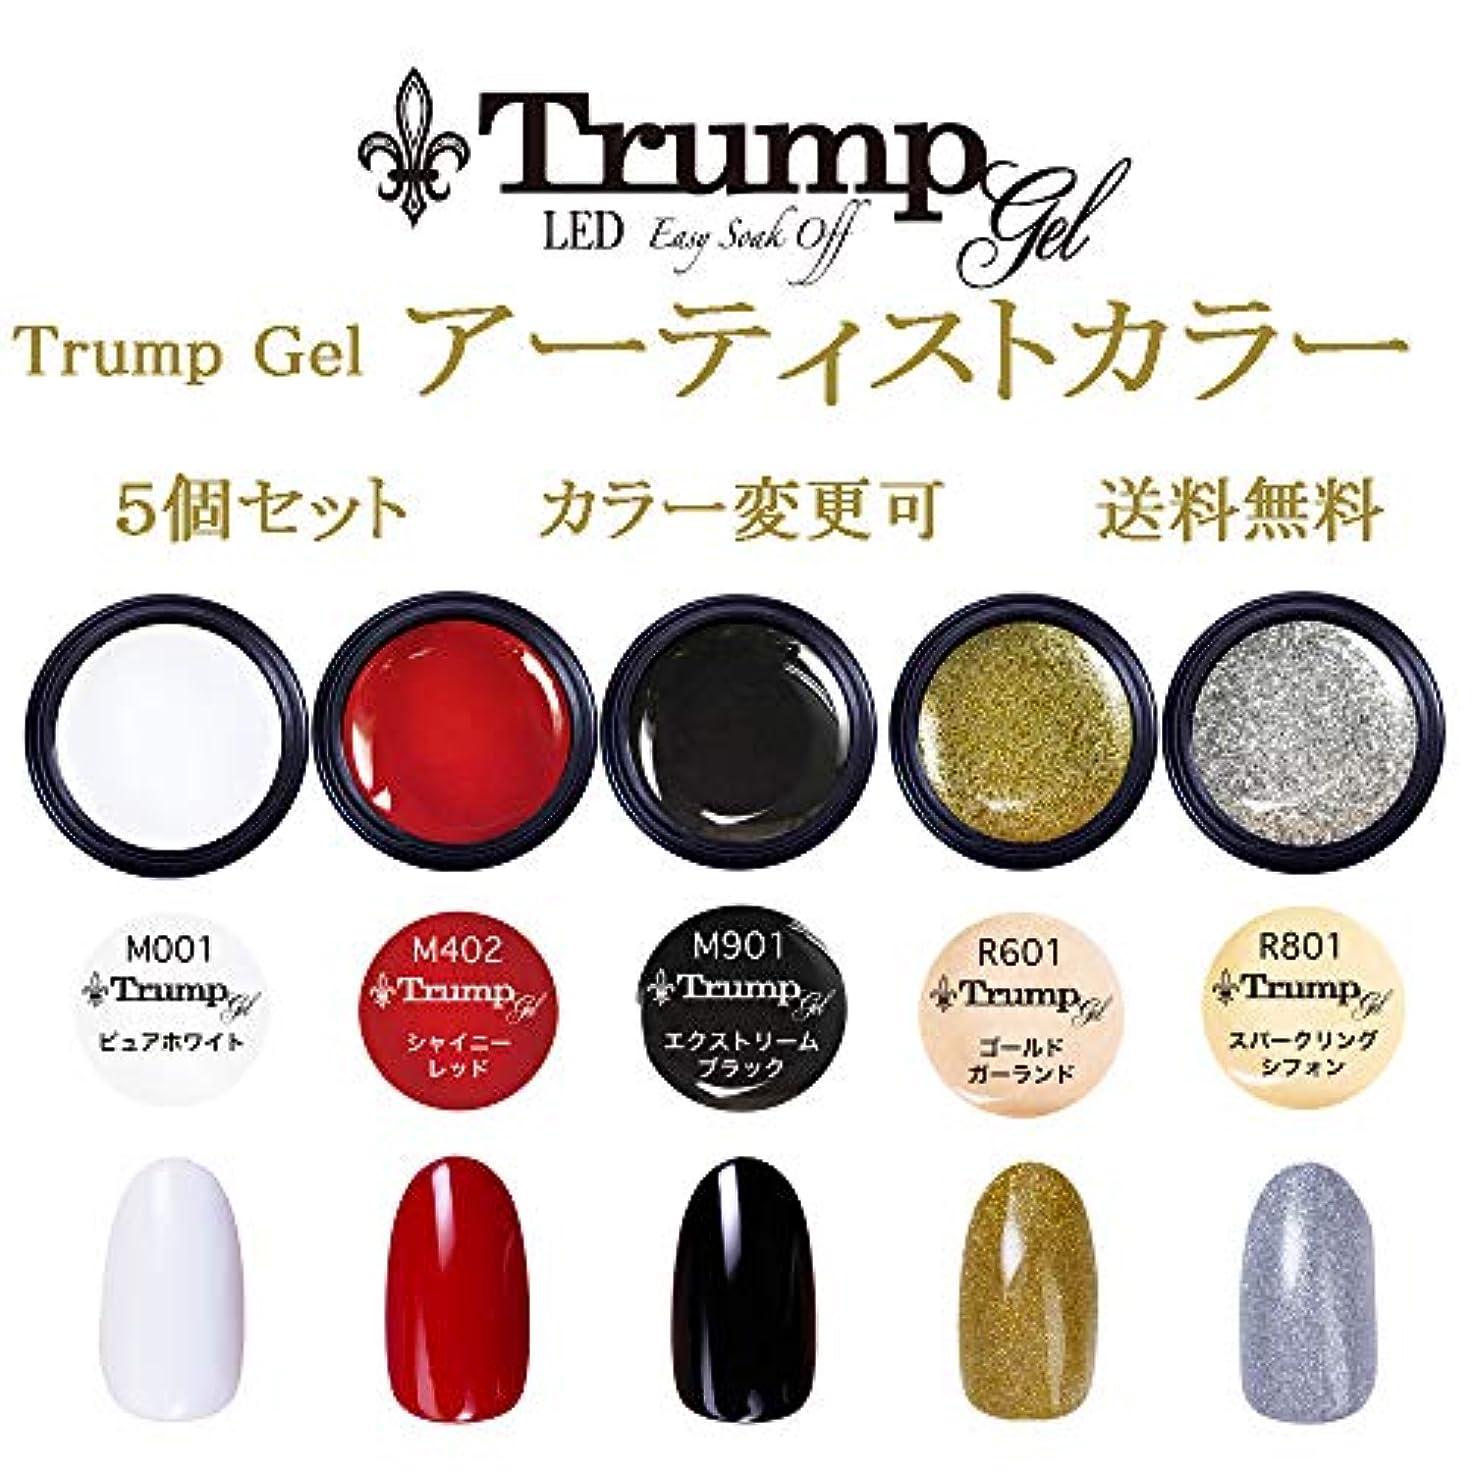 触手思い出す観点【送料無料】Trumpアーティストカラー選べる カラージェル5個セット